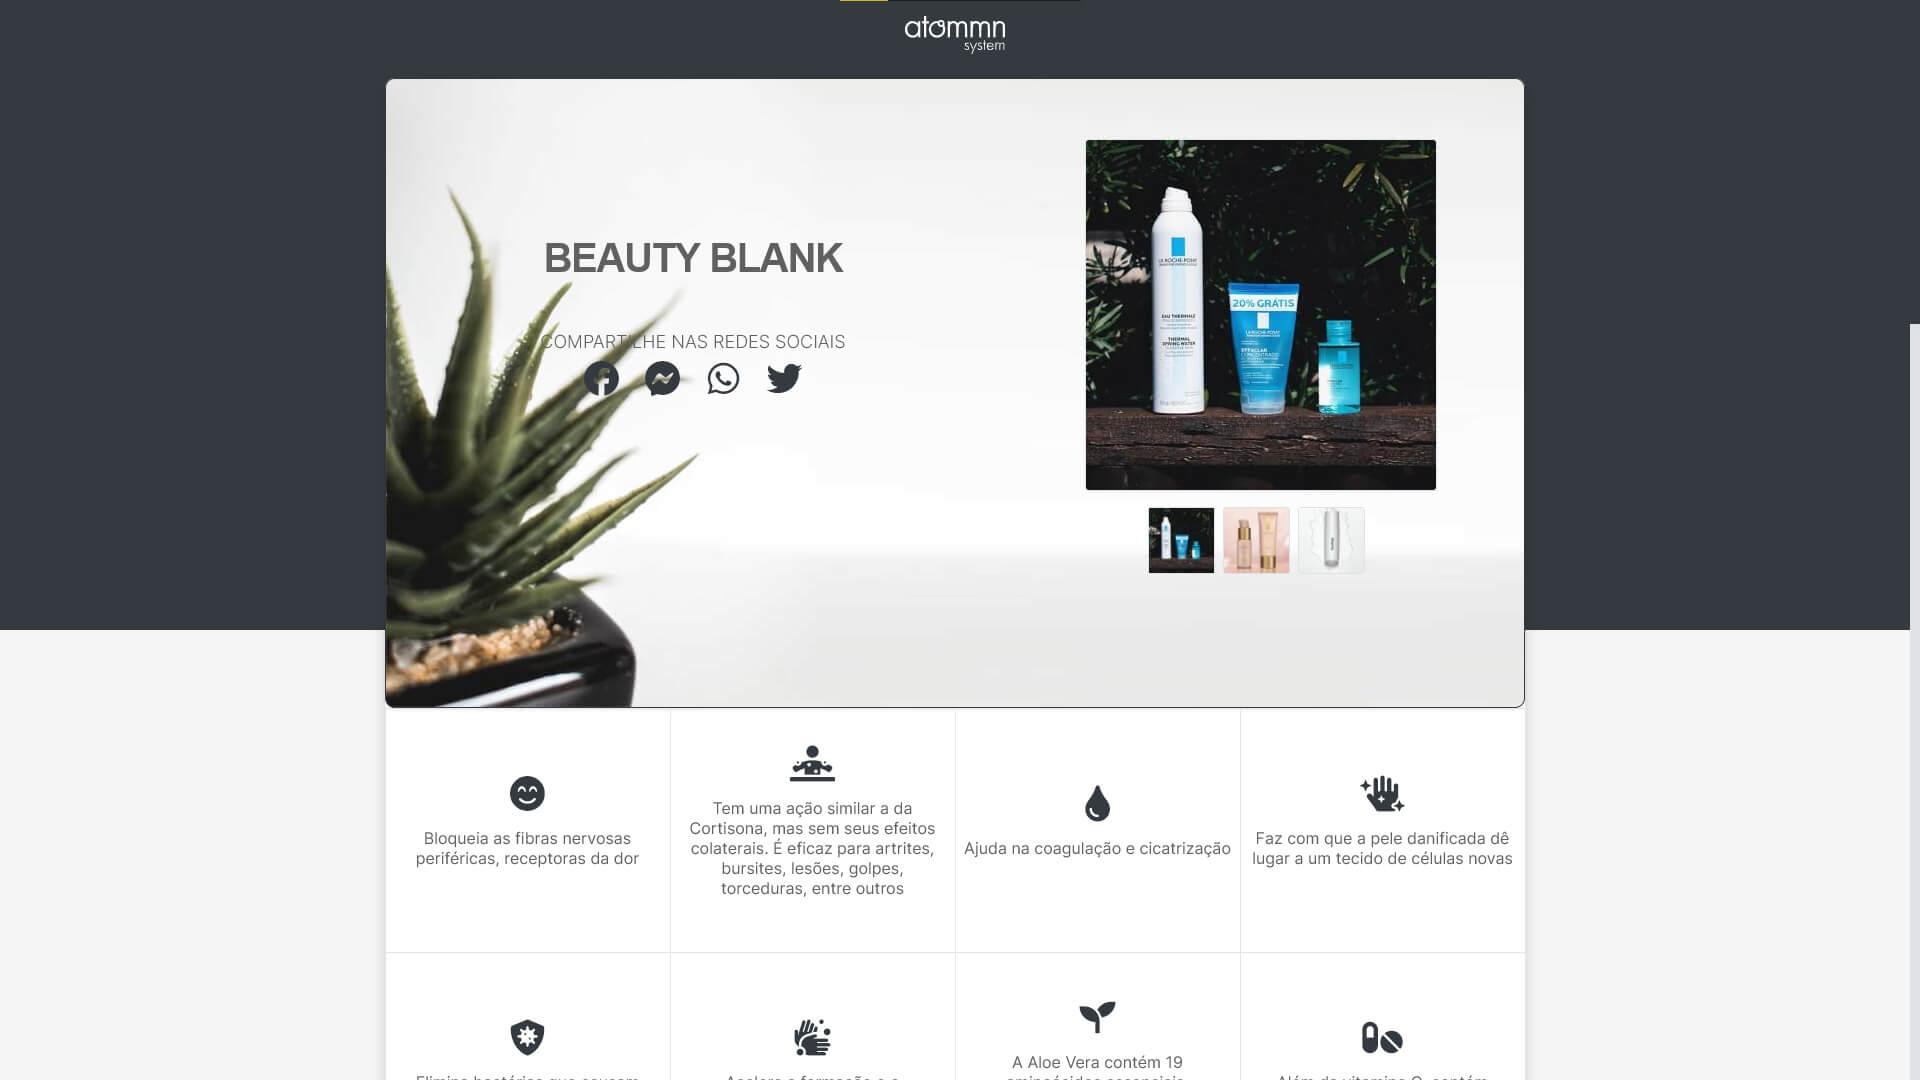 Página externa do produto